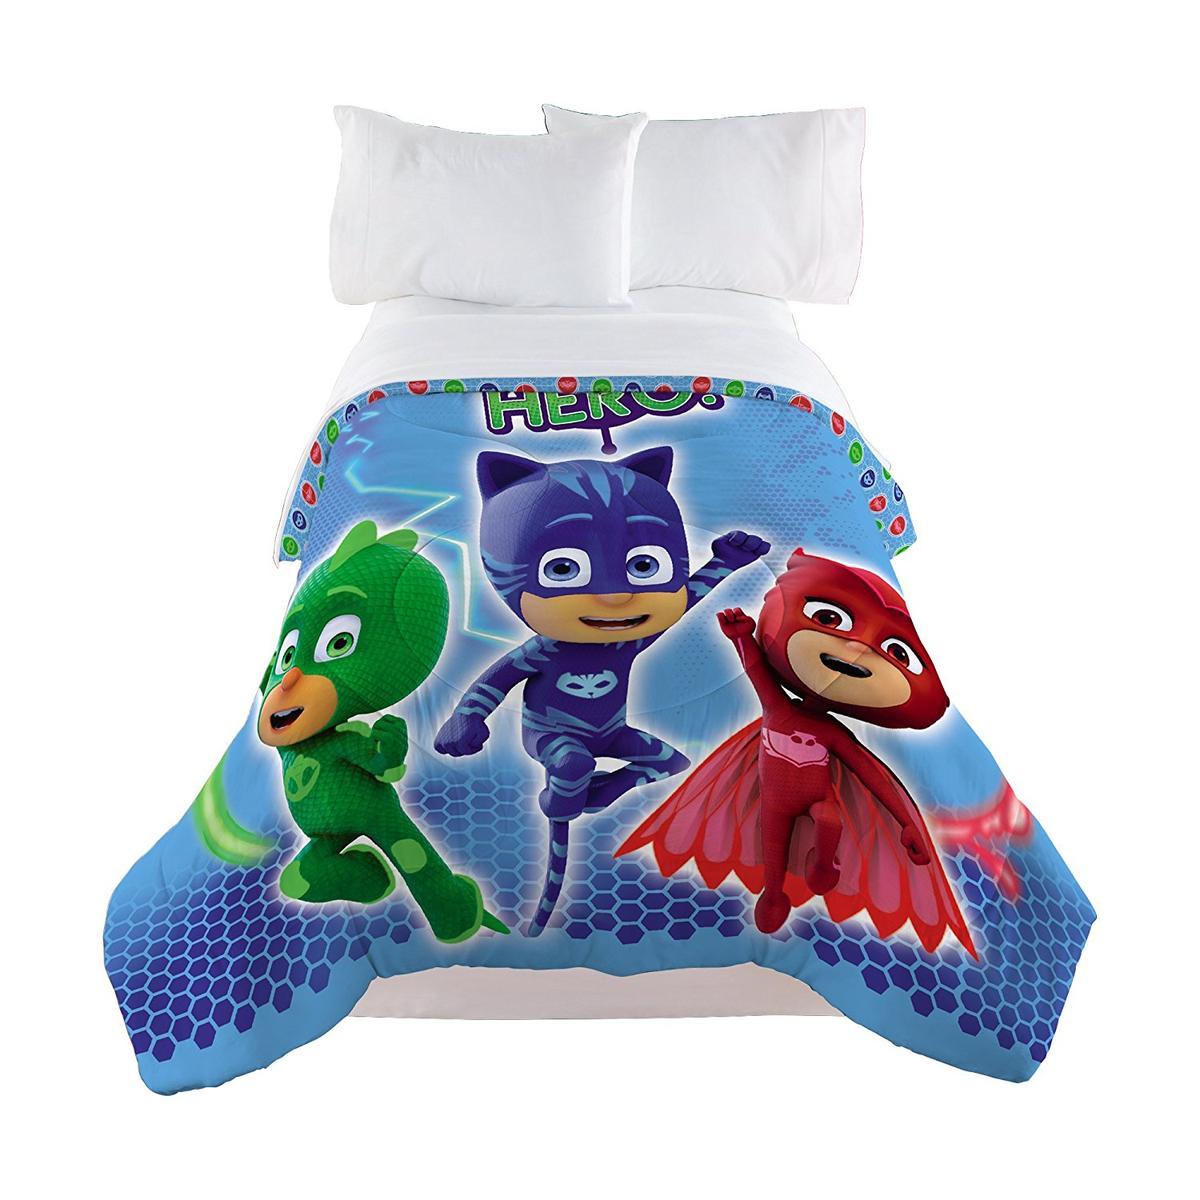 しゅつどう! パジャマスク セミダブル / ダブル 掛け布団 子供 寝具